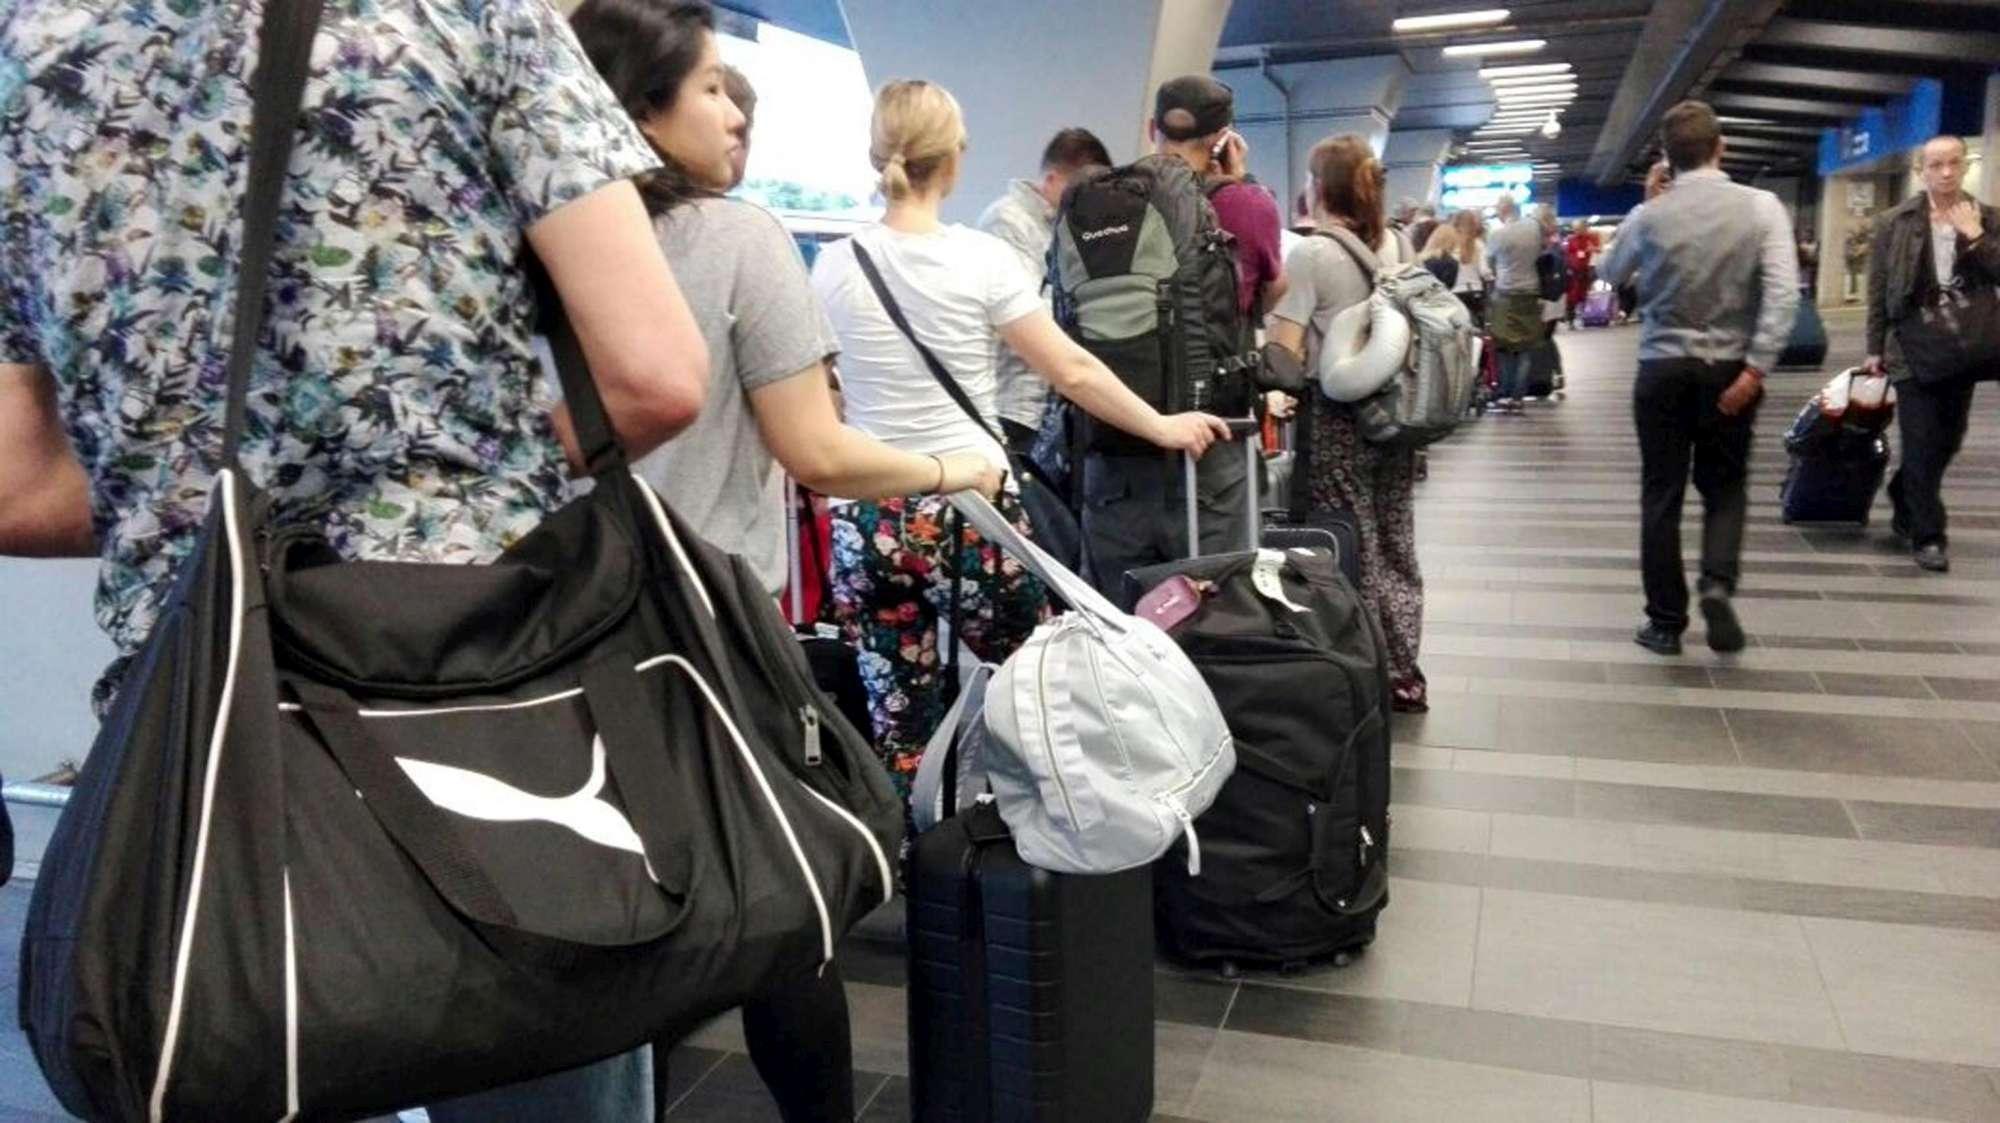 Roma, caos alla stazione Termini: treni bloccati, rabbia dei passeggeri